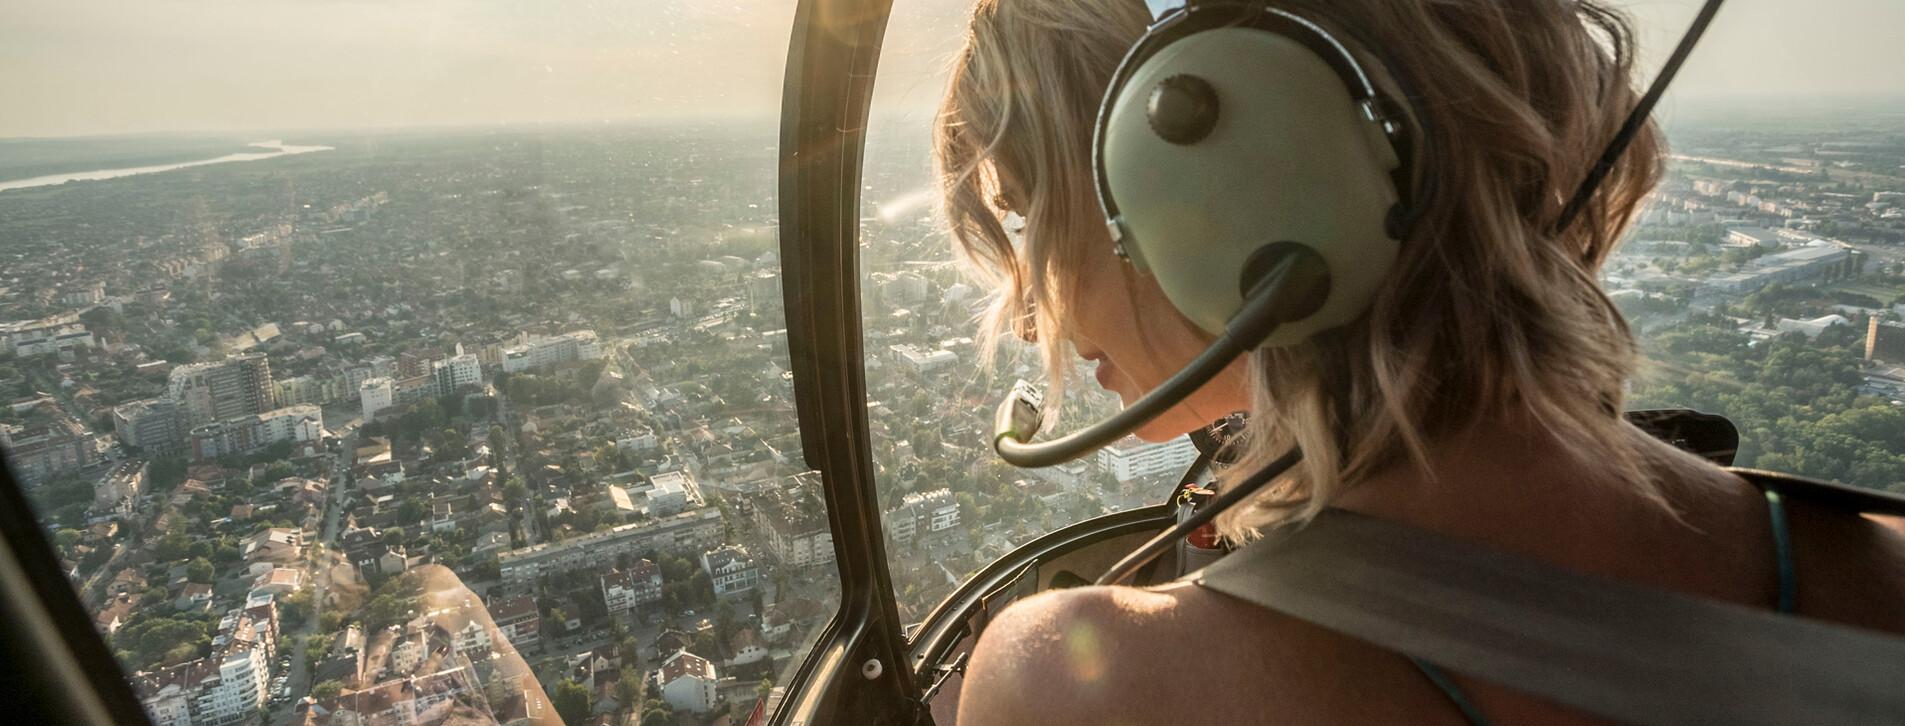 Фото 1 - Полет на вертолете Robinson R22 над мостами Киева